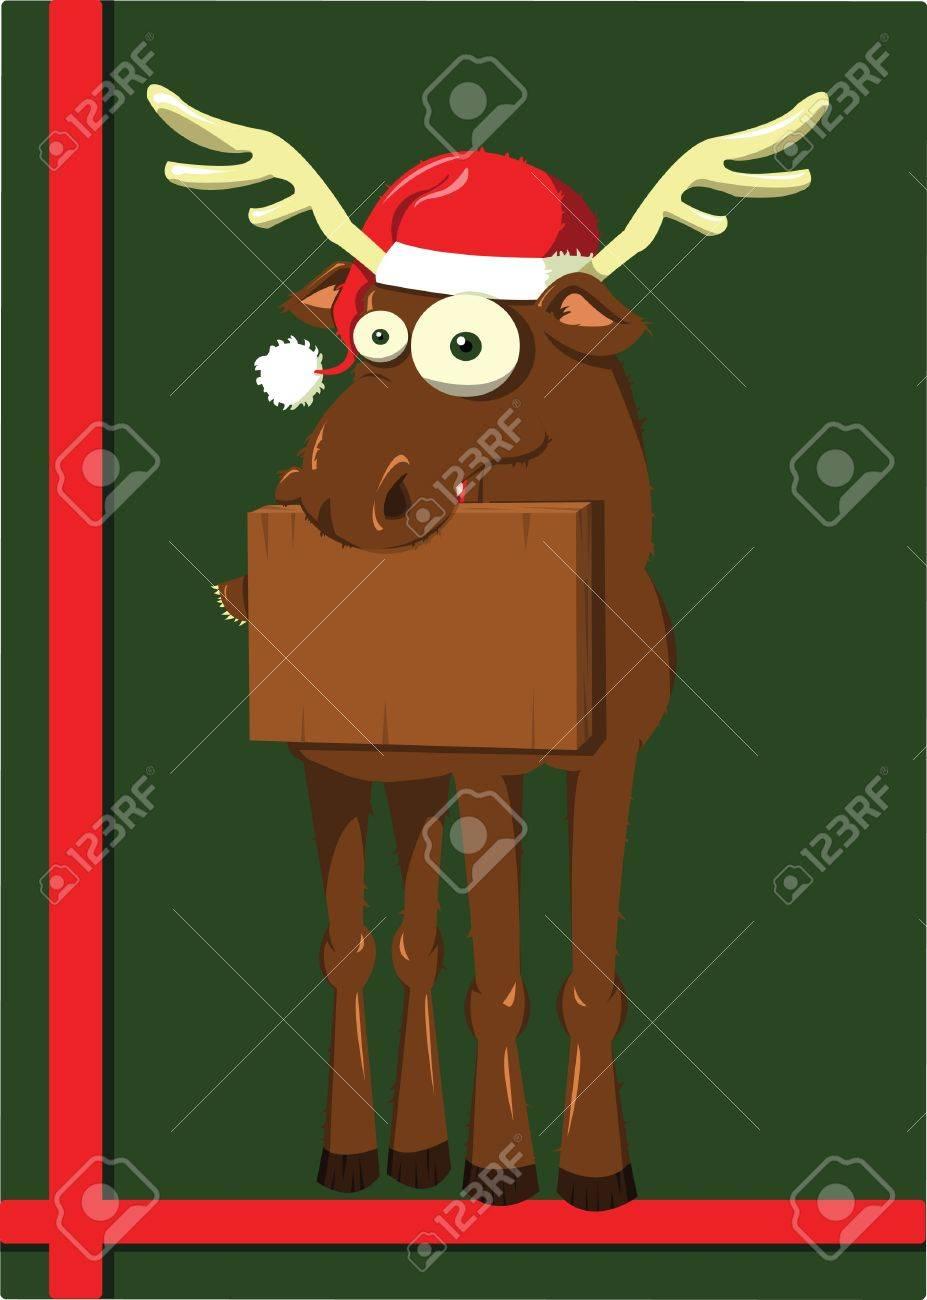 Christmas Reindeer Stock Vector - 22061655